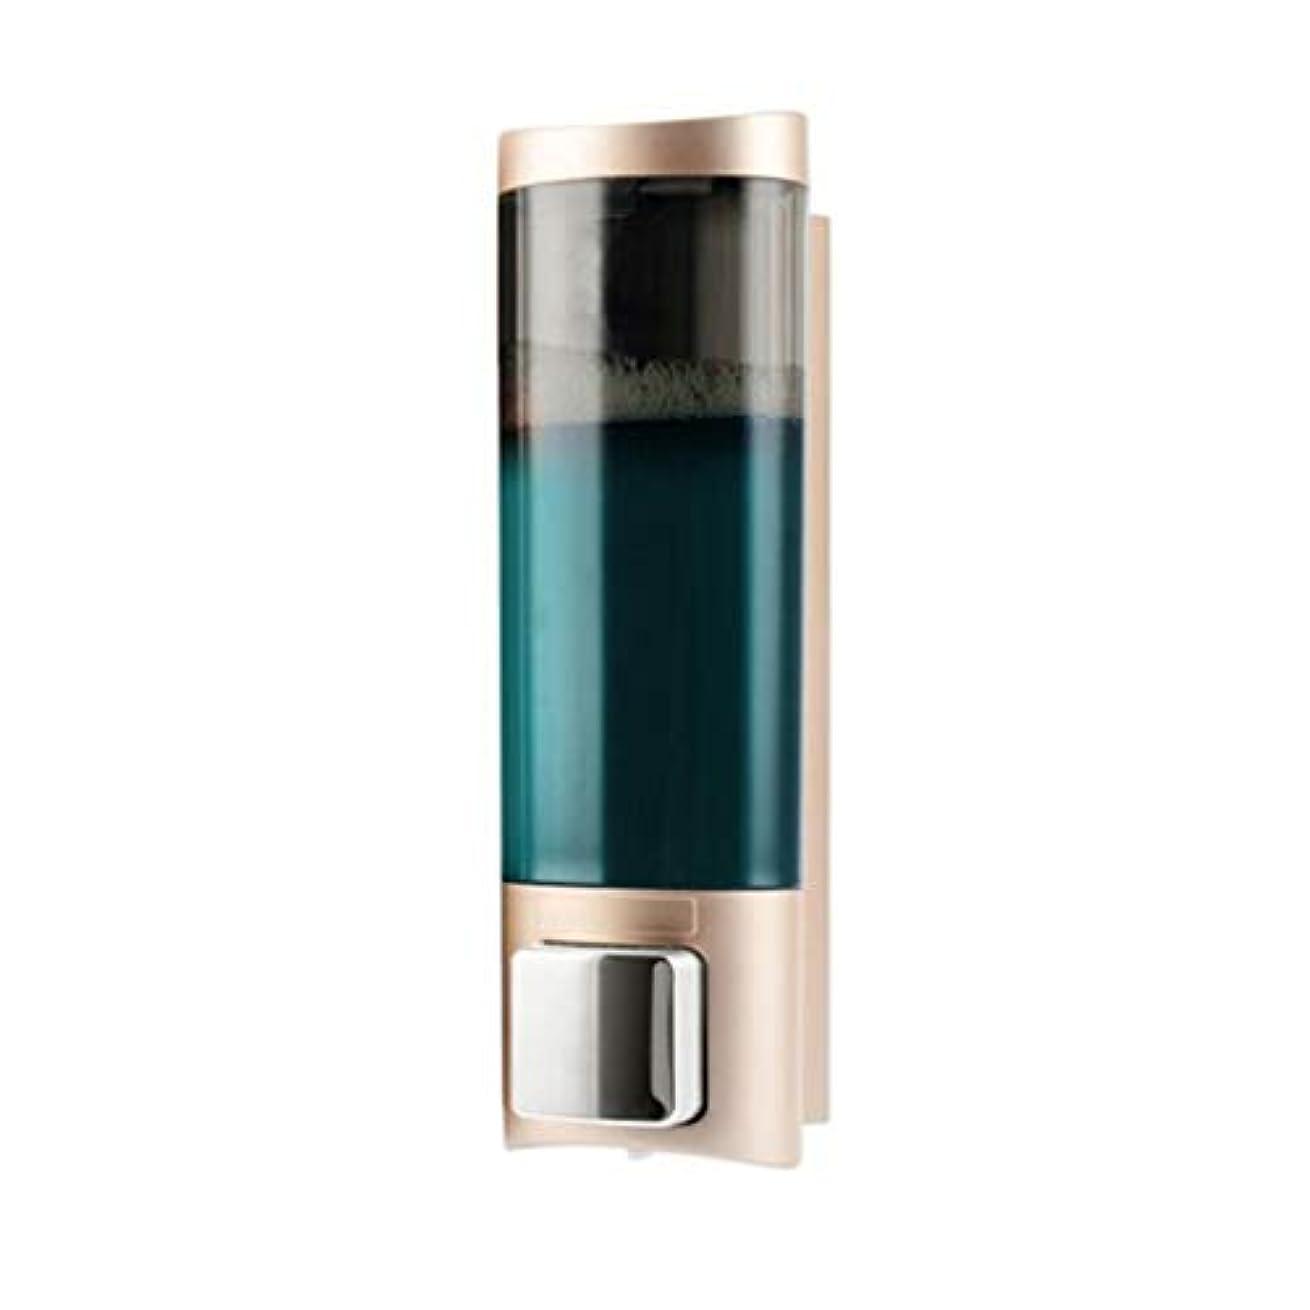 原始的なゴム充電Kylinssh 液体石鹸ディスペンサーポンプ、浴室または台所、家のホテル - ステンレス鋼のために理想的な壁の台紙の石鹸/ローションディスペンサーポンプ